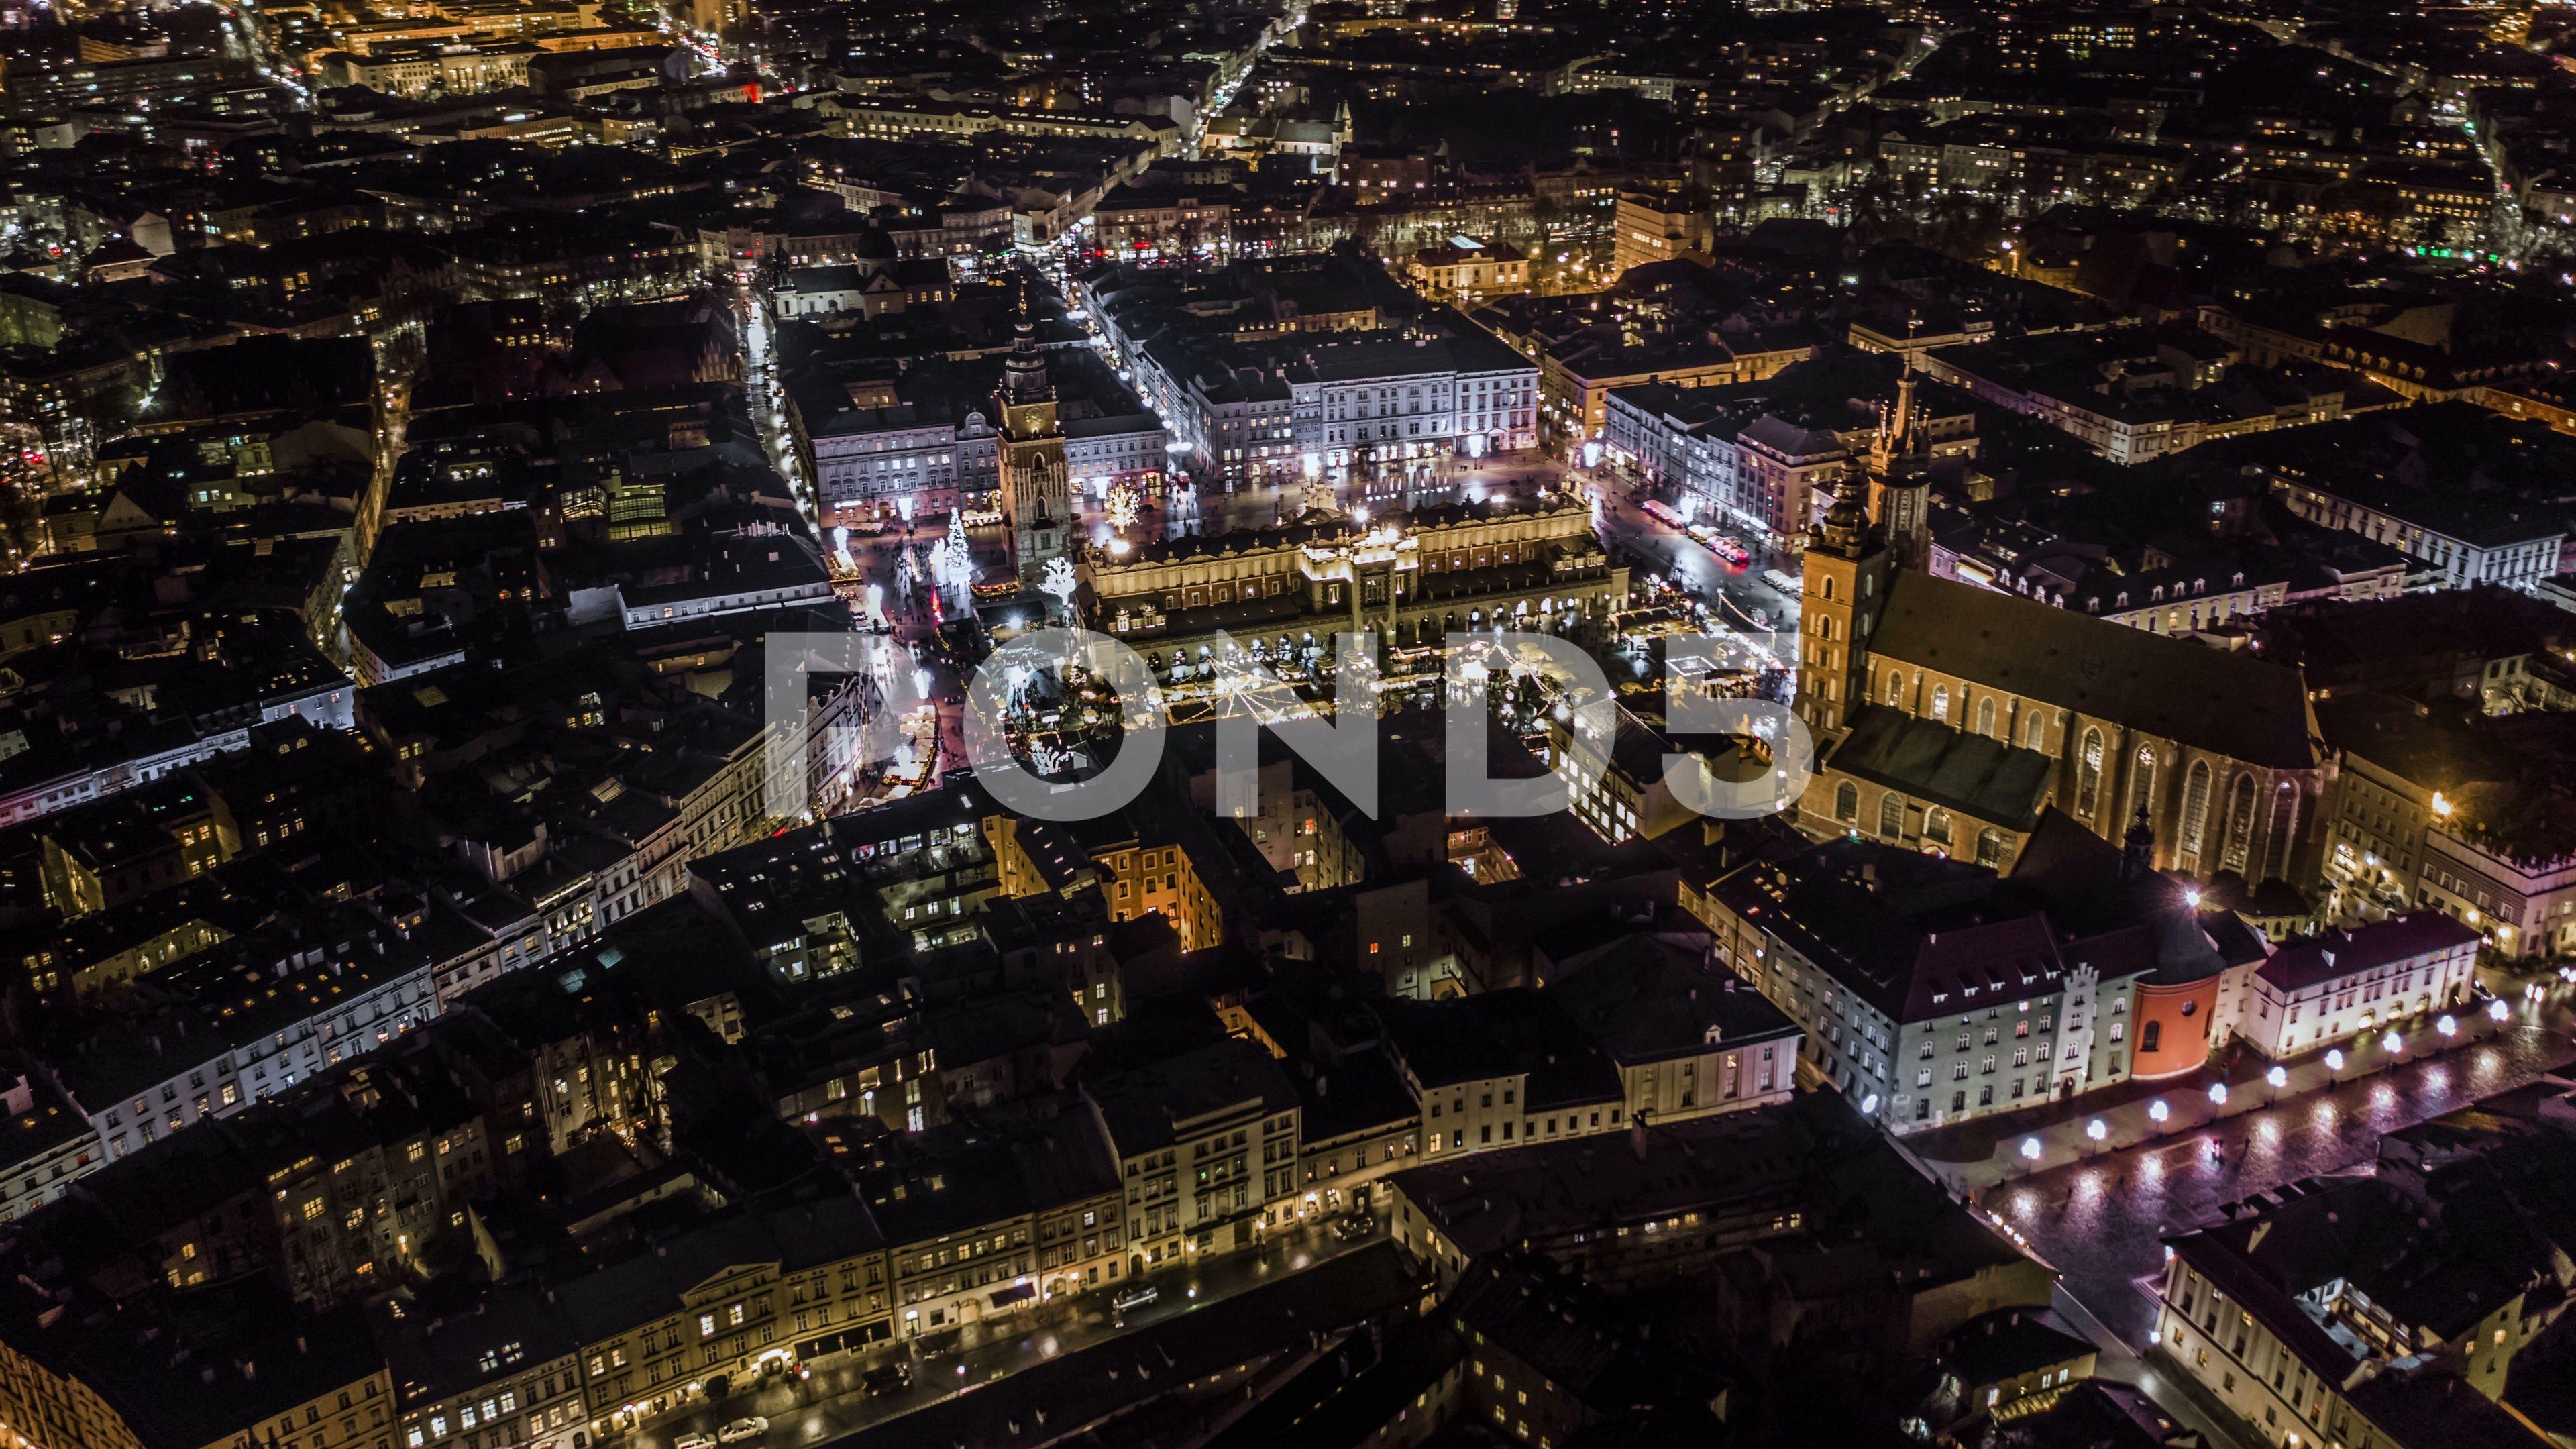 Hyper lapse of night Krakow old city aerial 4k nightKrakowHyperlapse